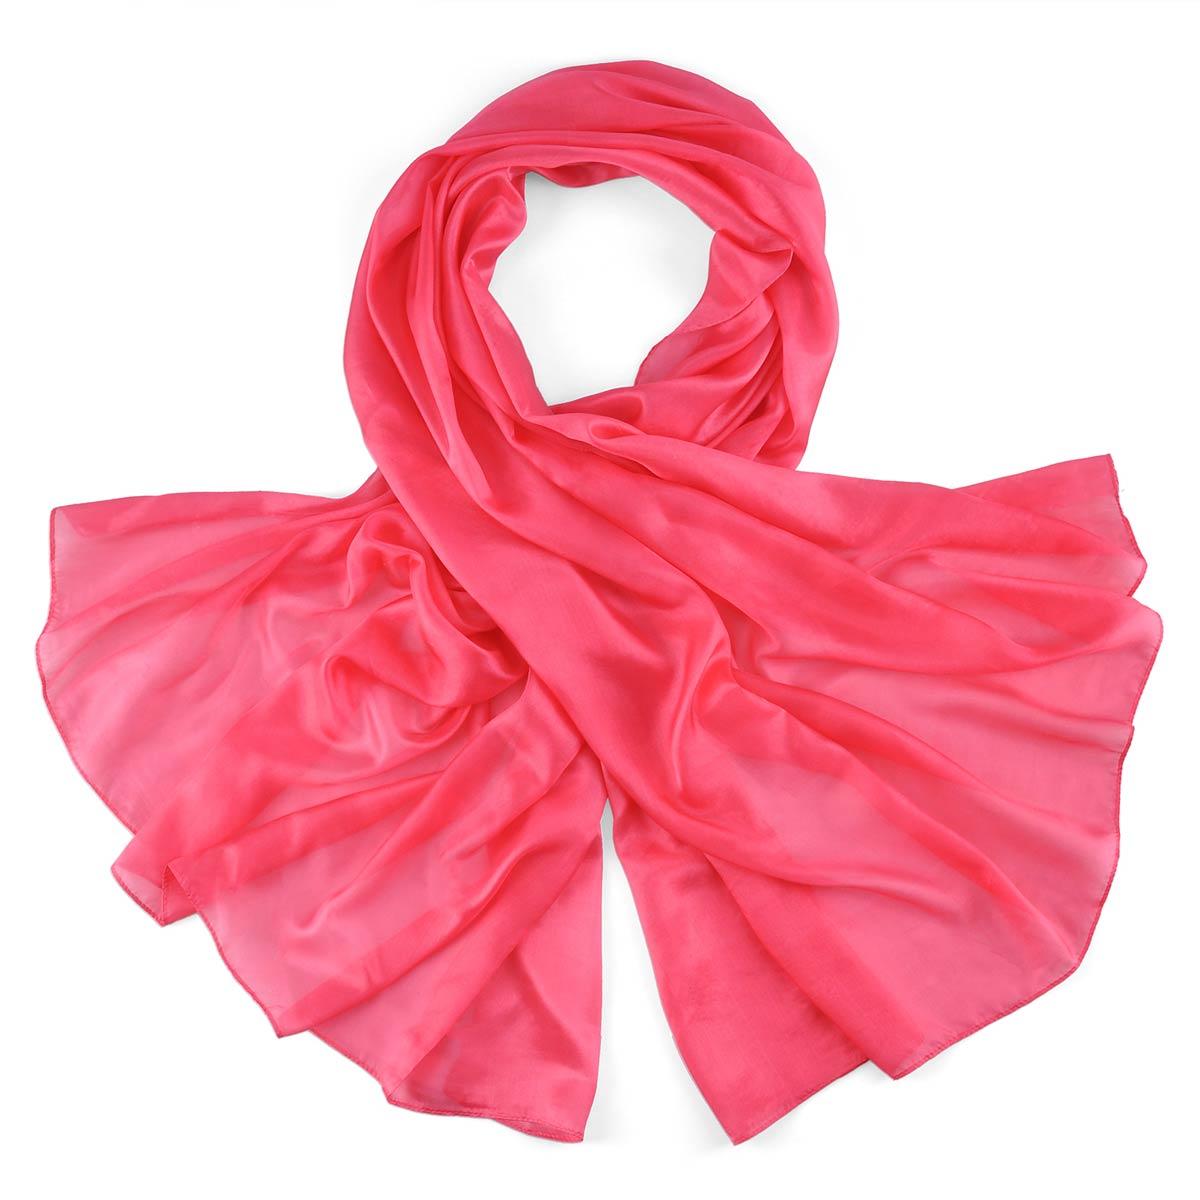 _Etole-soie-rose-exotique